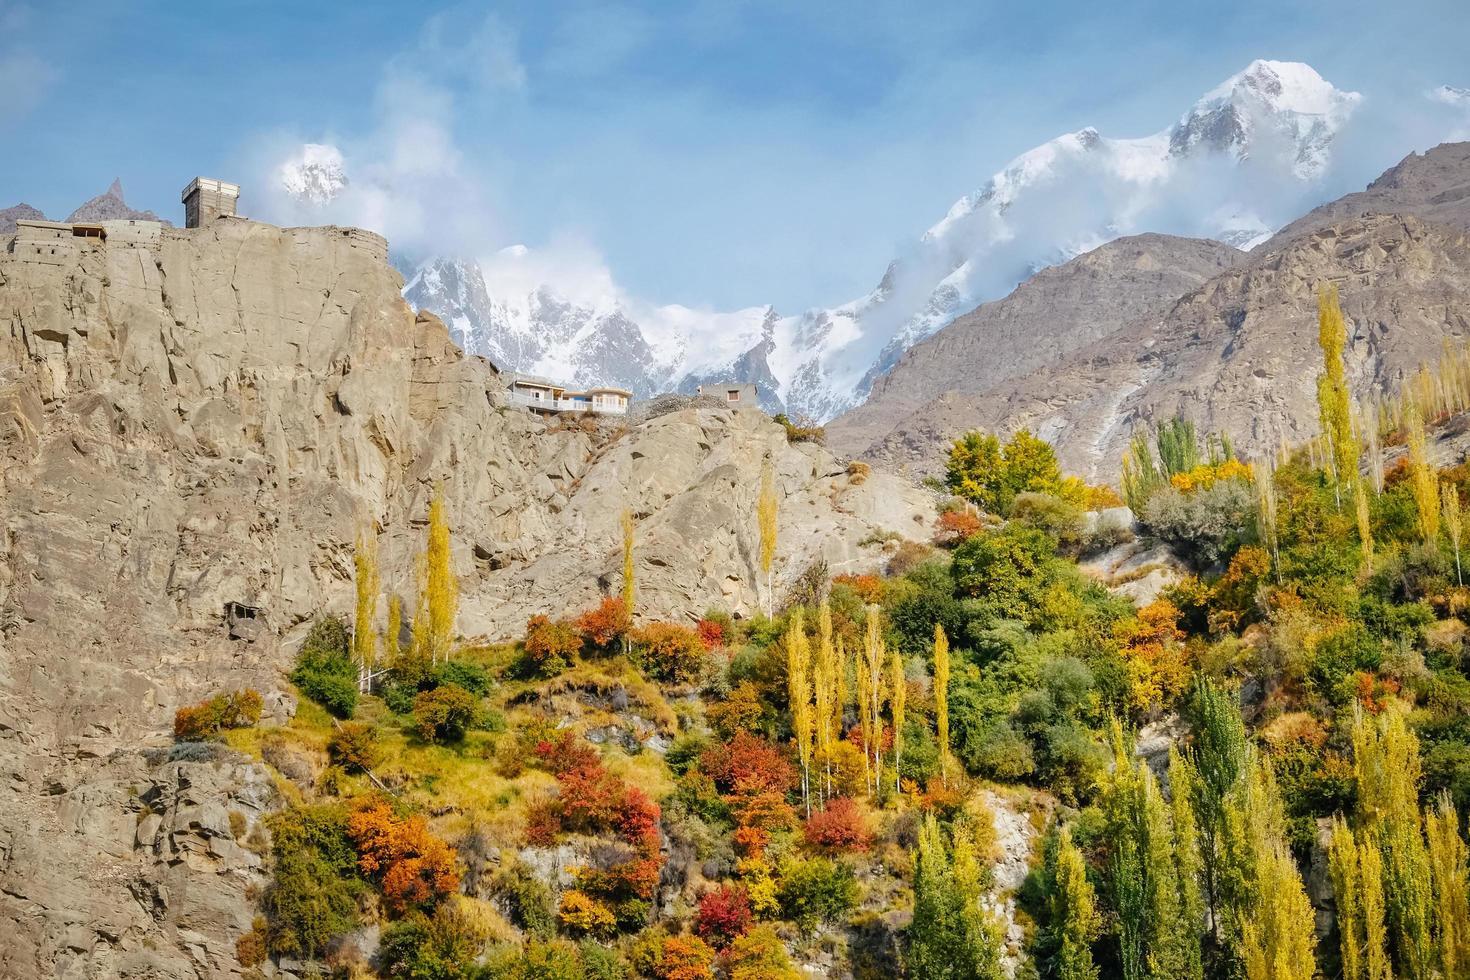 buntes Laub in Karakoram Bergen foto